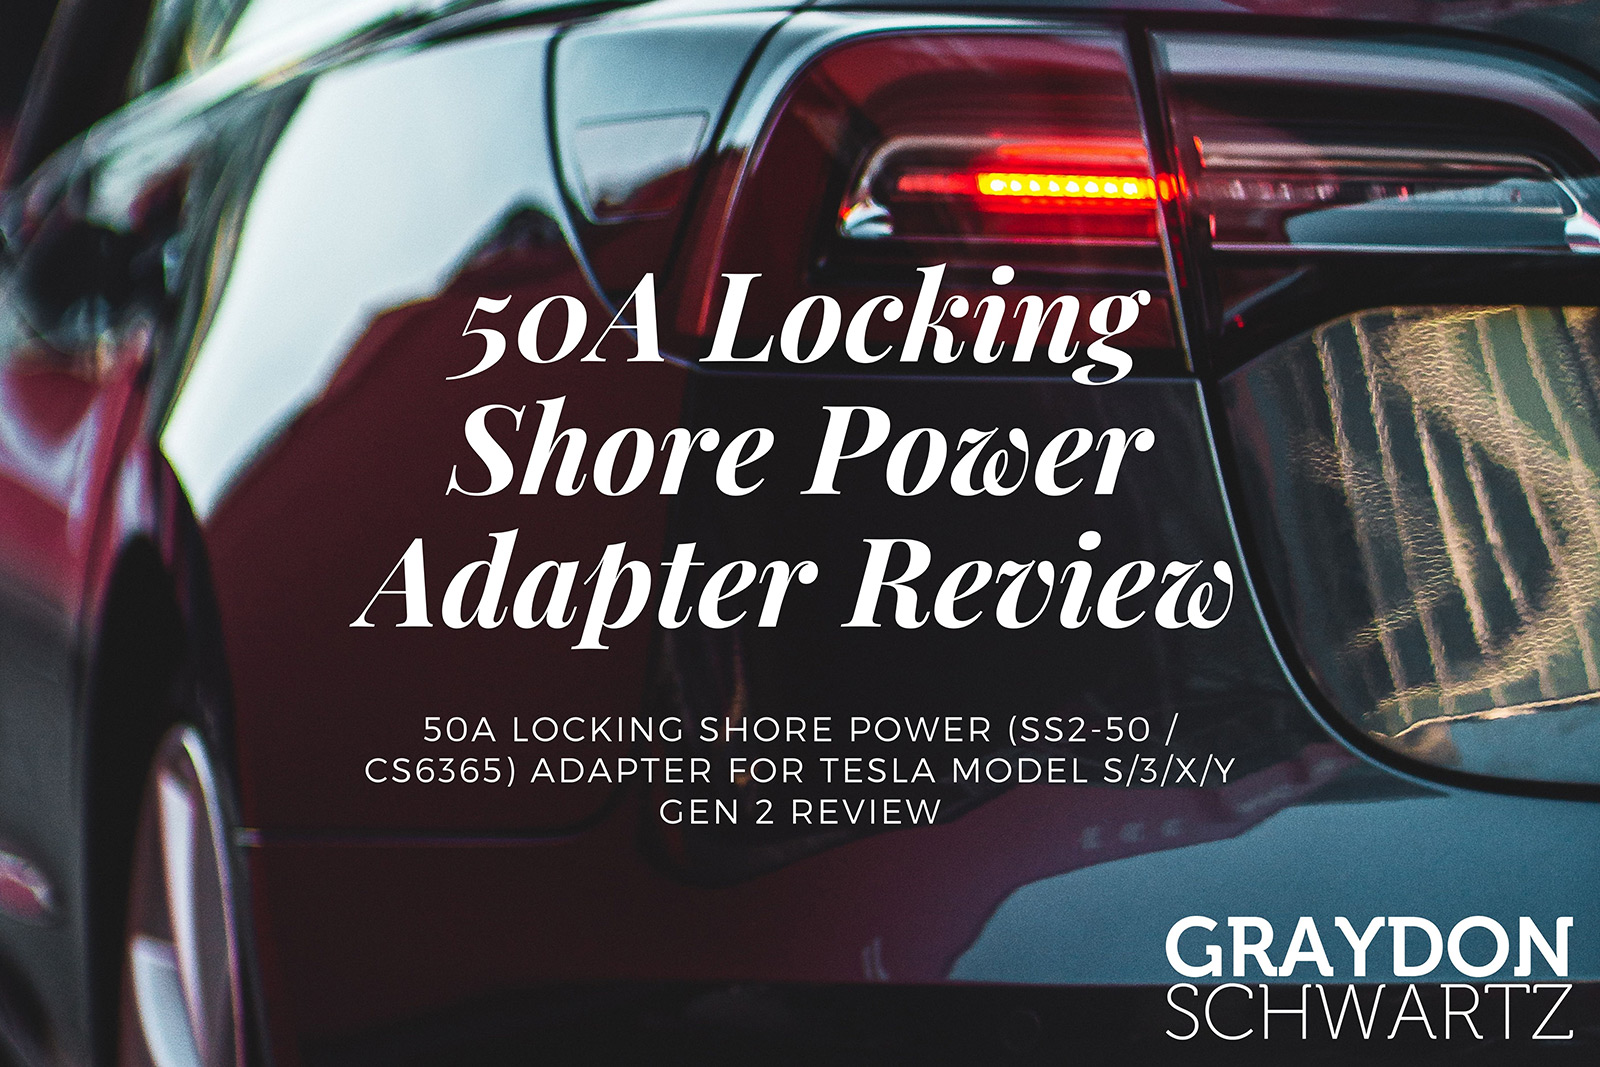 Adaptateur de prise de quai à verrouillage 50A (SS2-50 / CS6365) pour Tesla Model S/3/X/Y Gen 2 Review